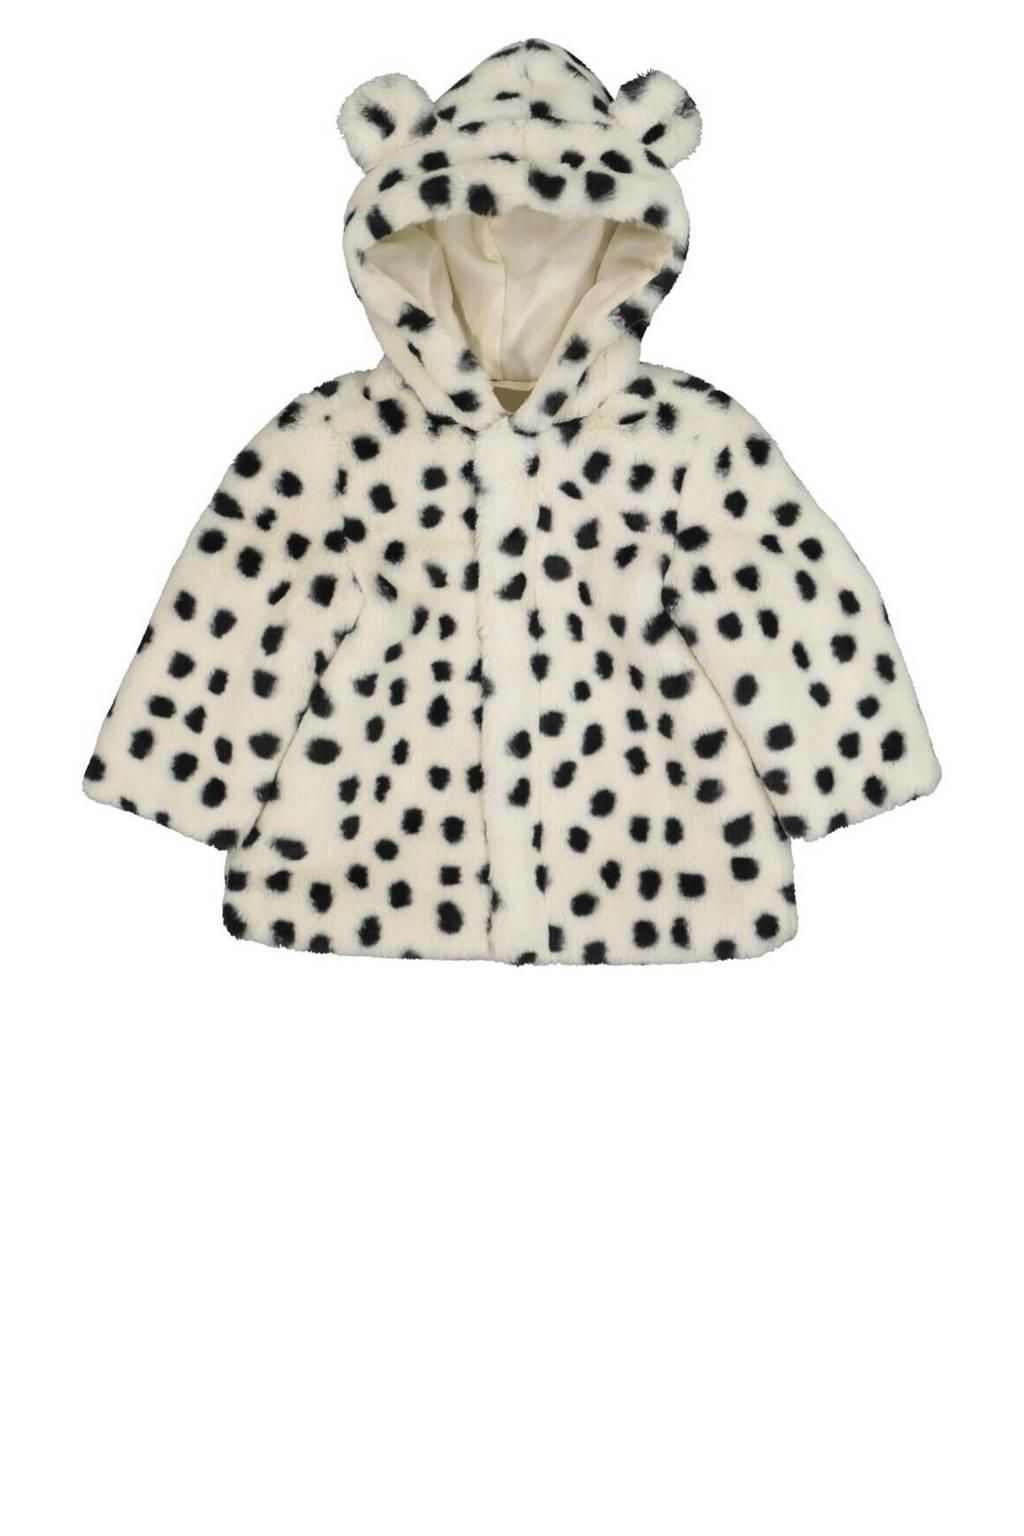 HEMA imitatiebont winterjas met dierenprint gebroken wit/zwart, Gebroken wit/Zwart